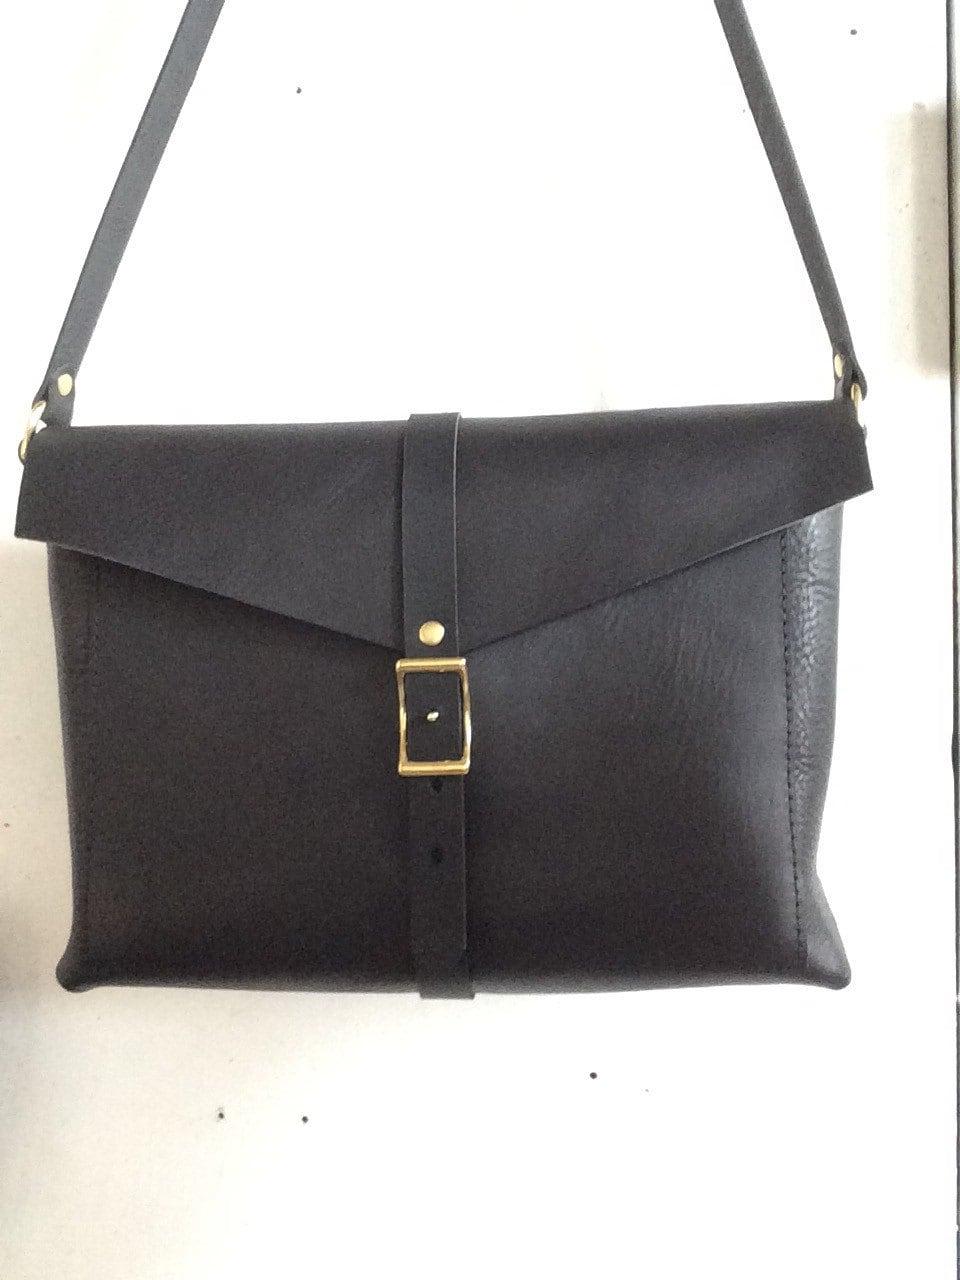 All black Brooklyn Bag